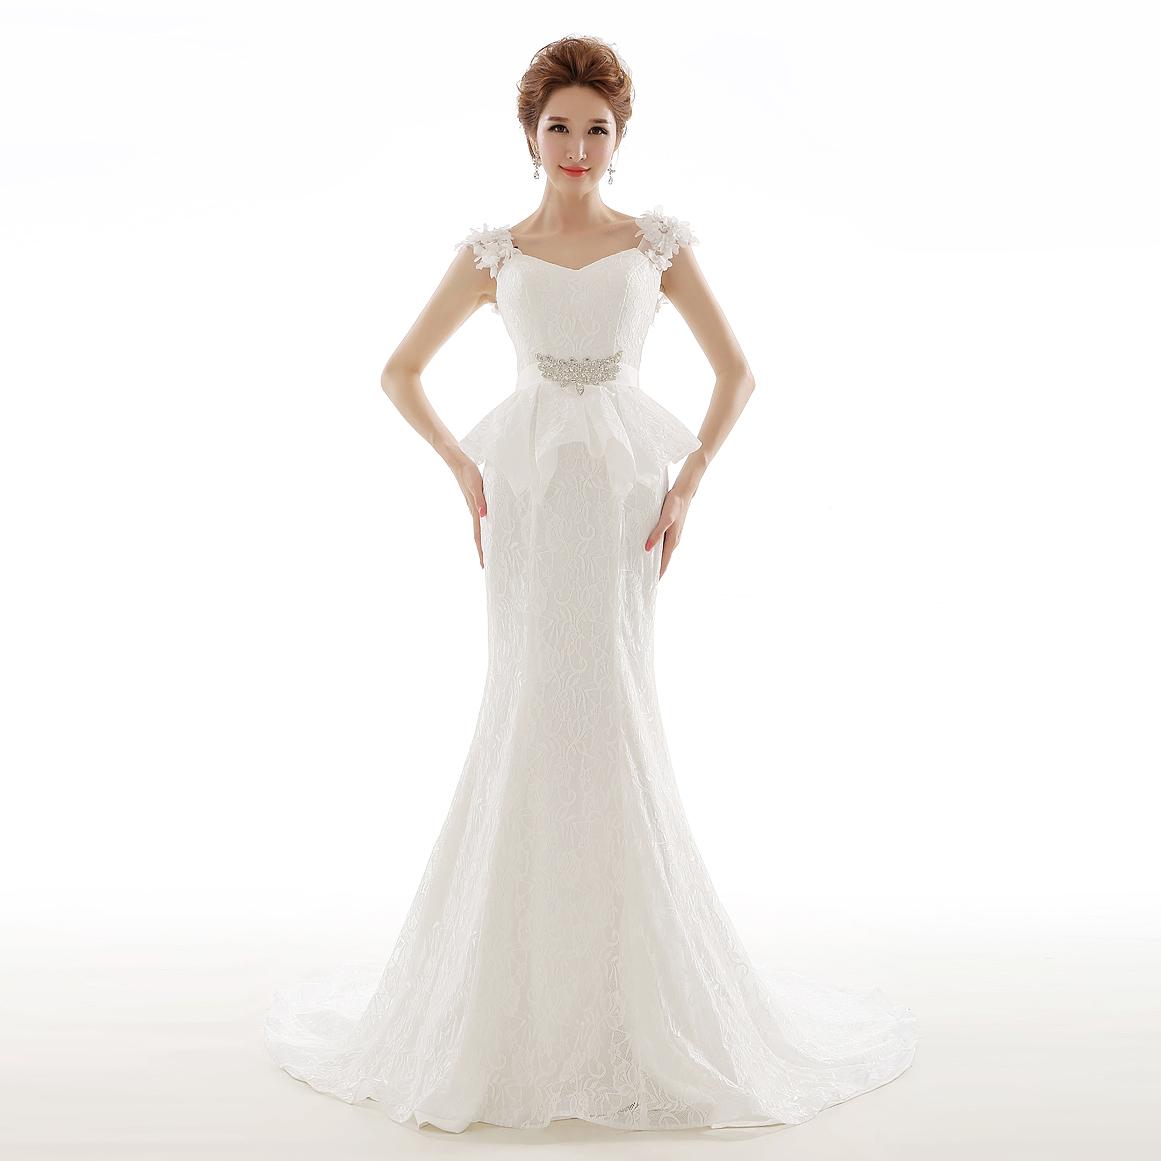 цены на Свадебное платье Auskoesa a14fh0004 в интернет-магазинах